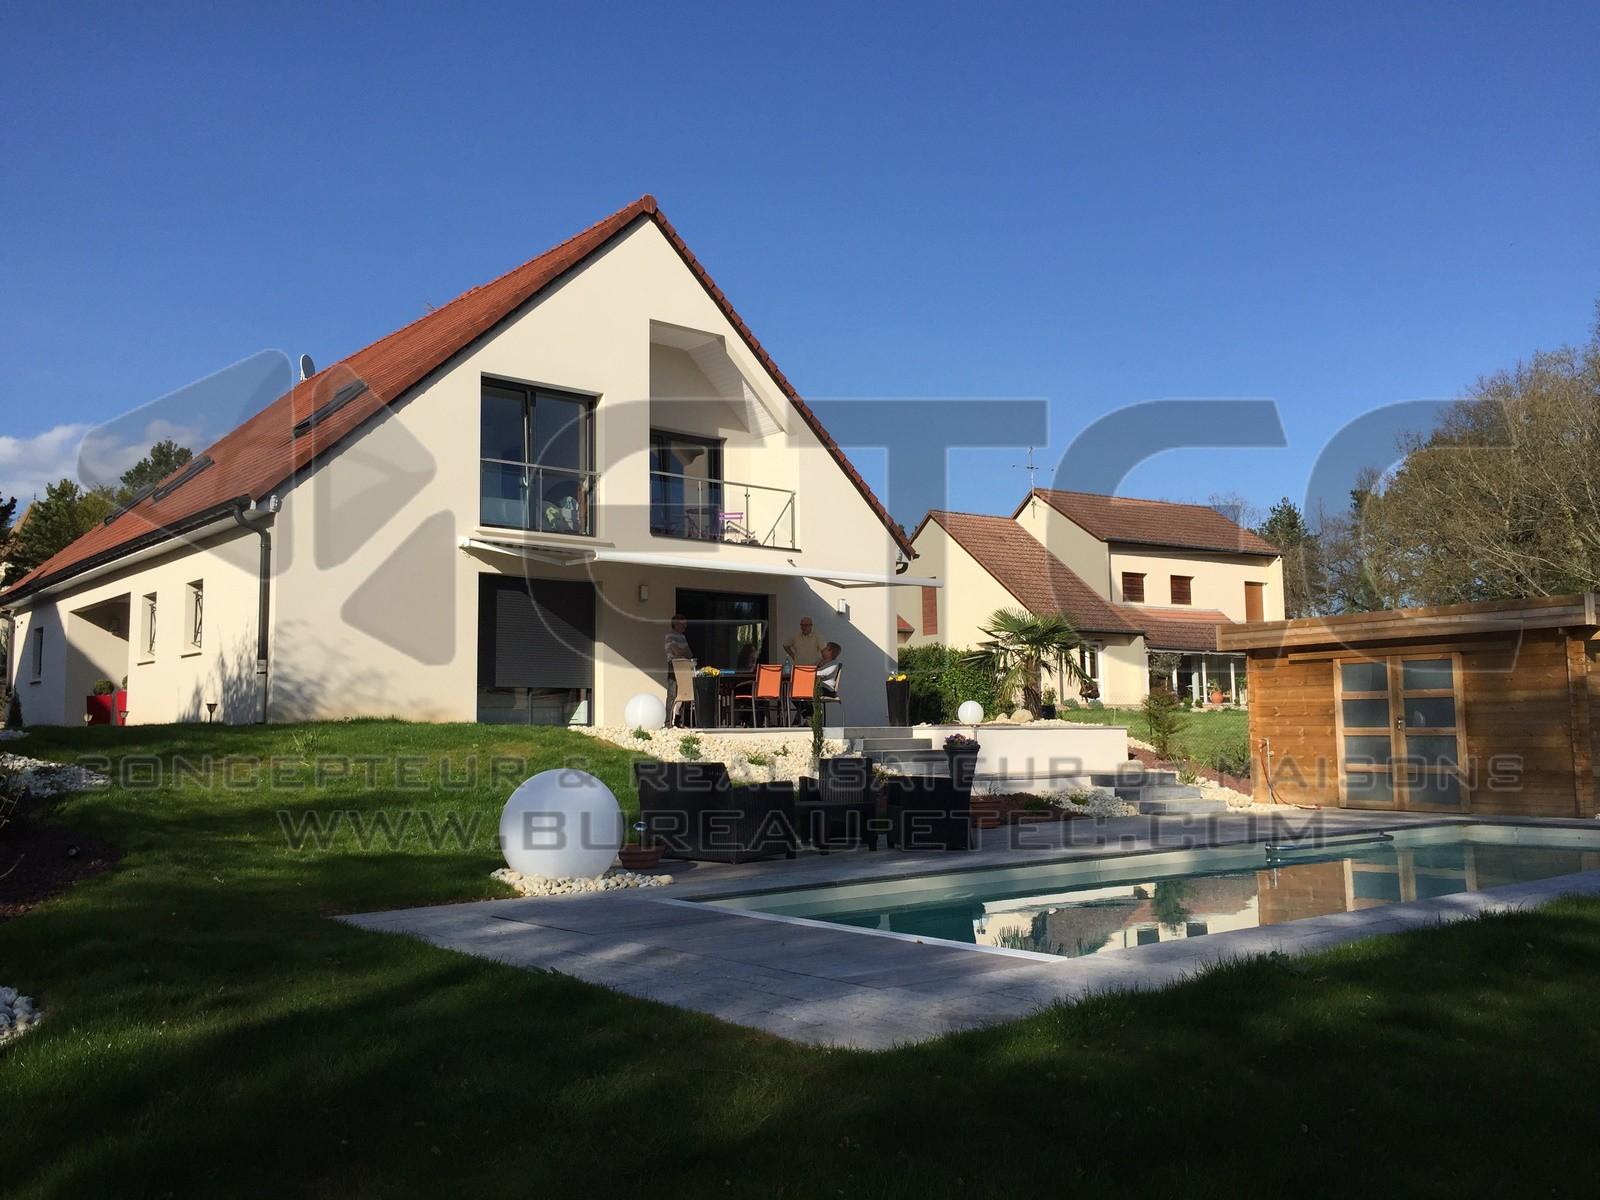 Populaire Maison de style contemporain à Givry - ETEC MP01